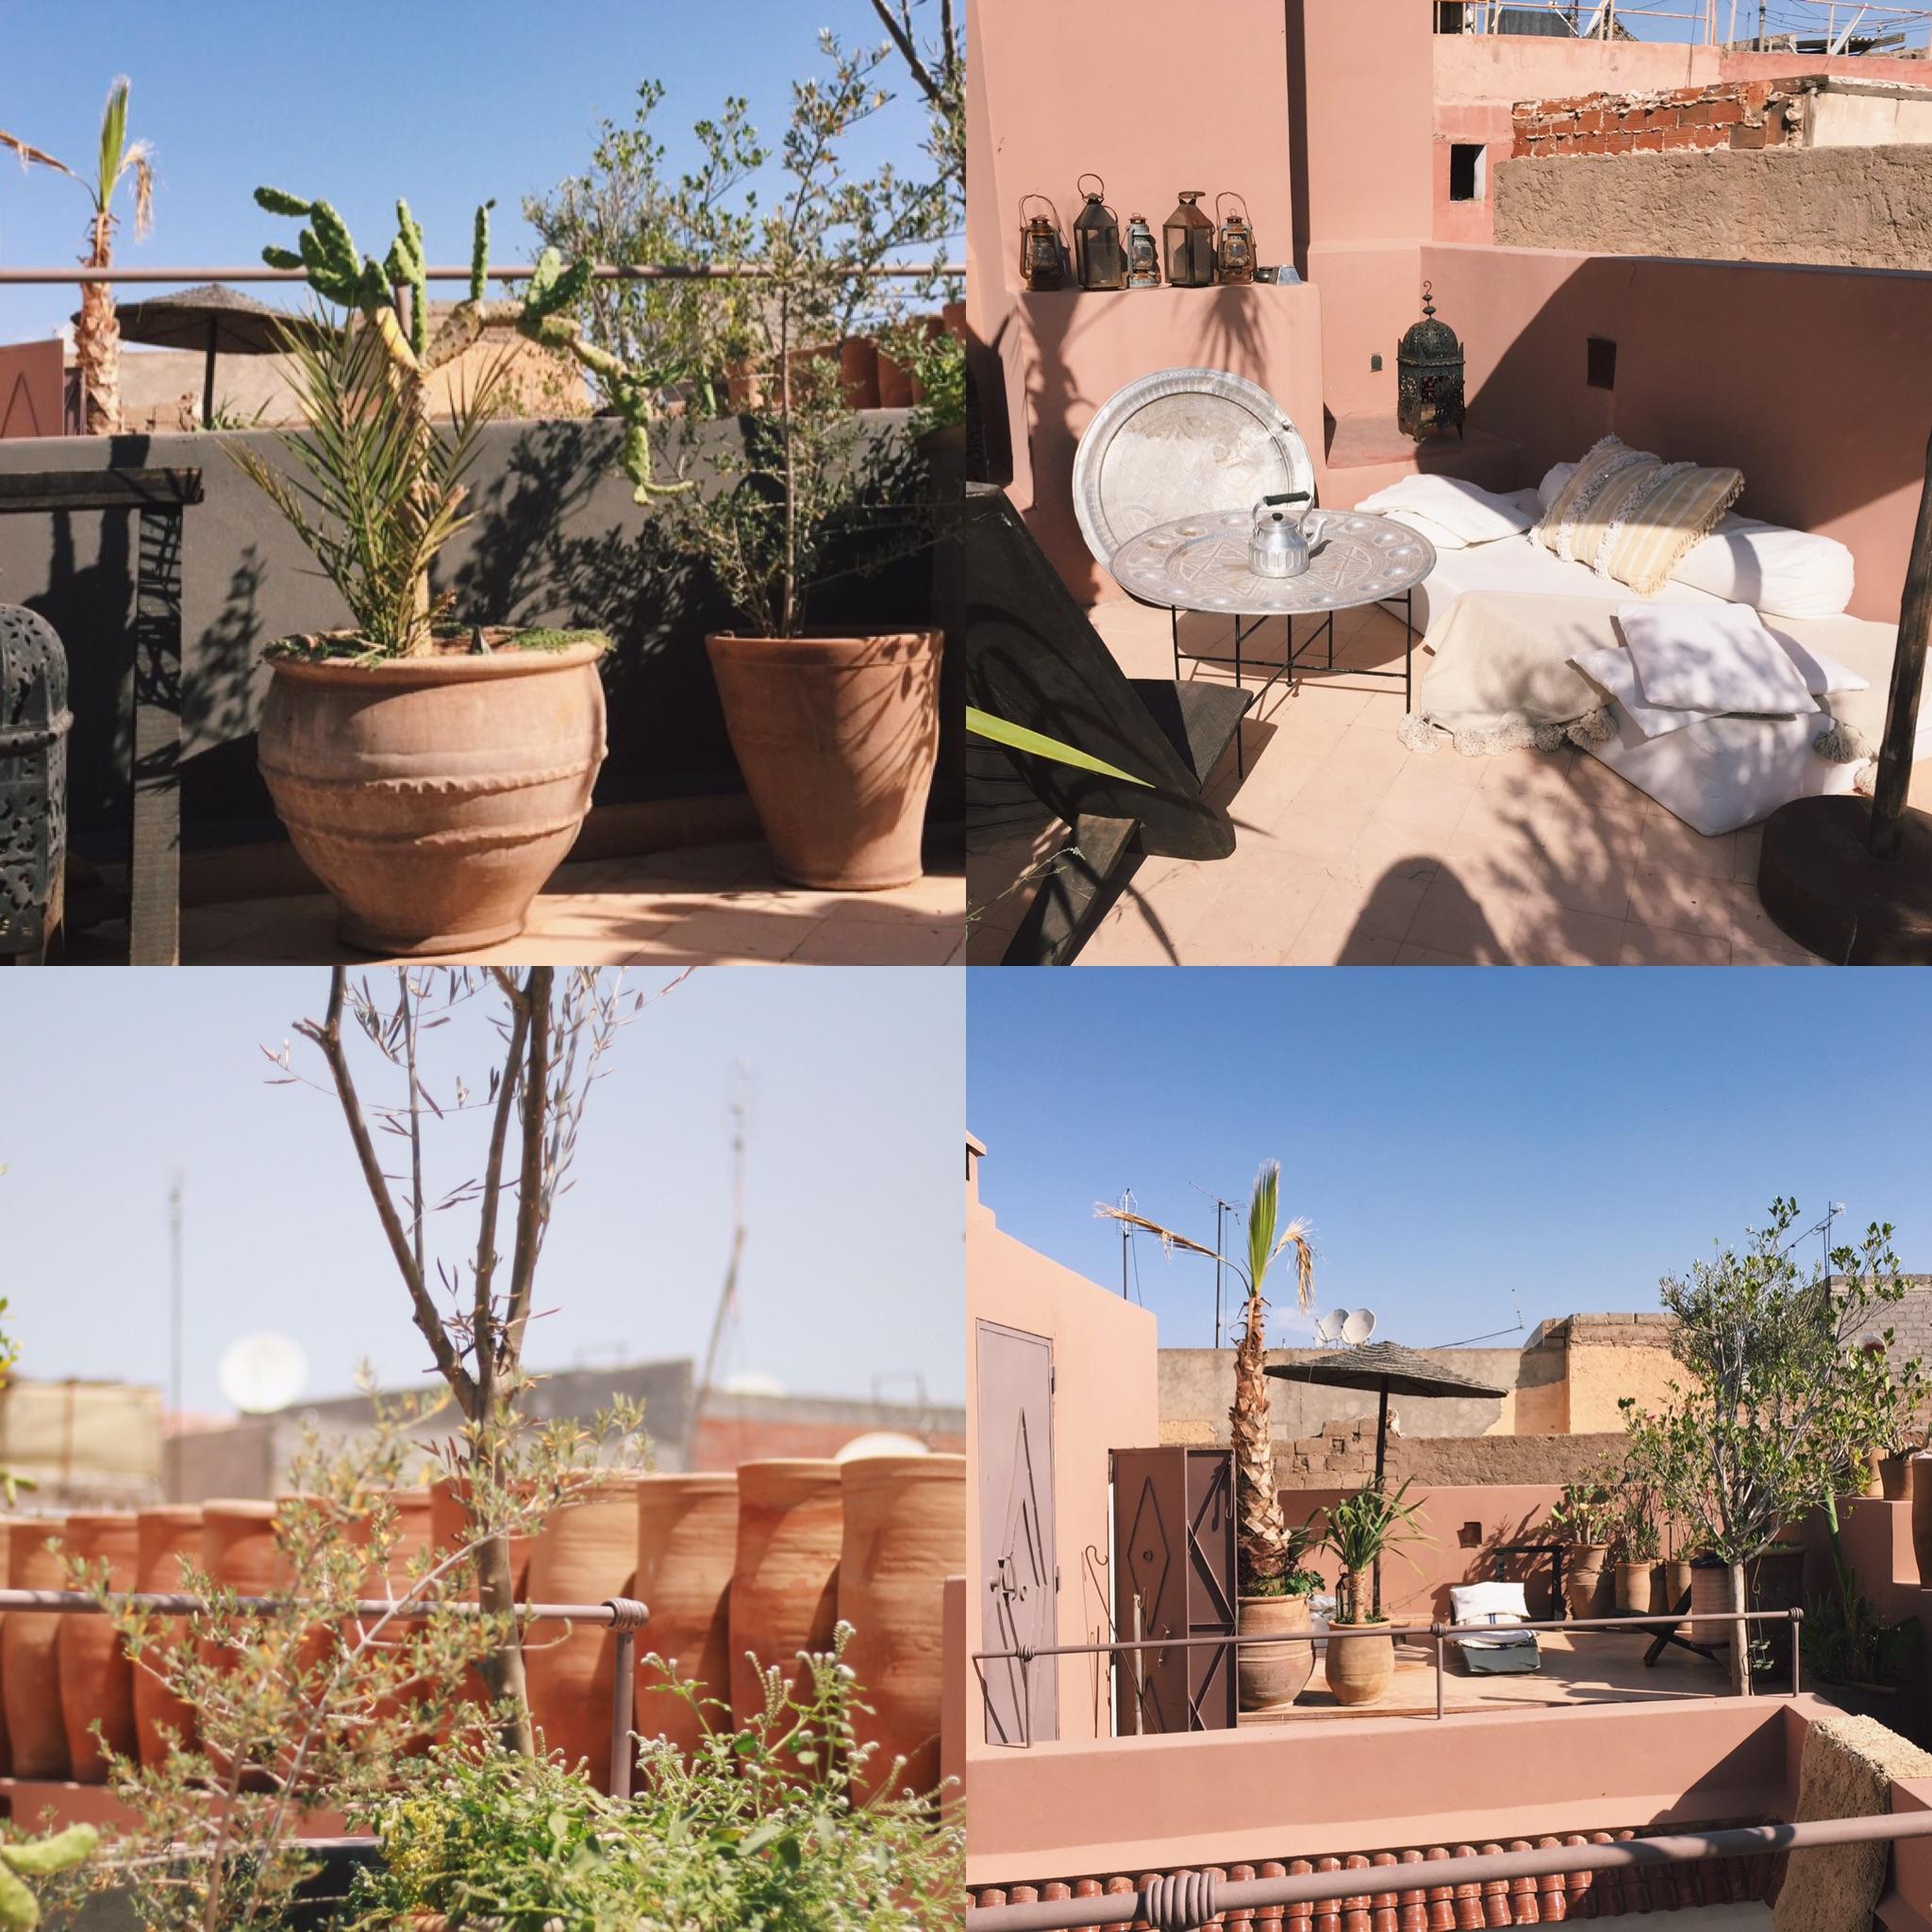 absolute rooftop garden goals